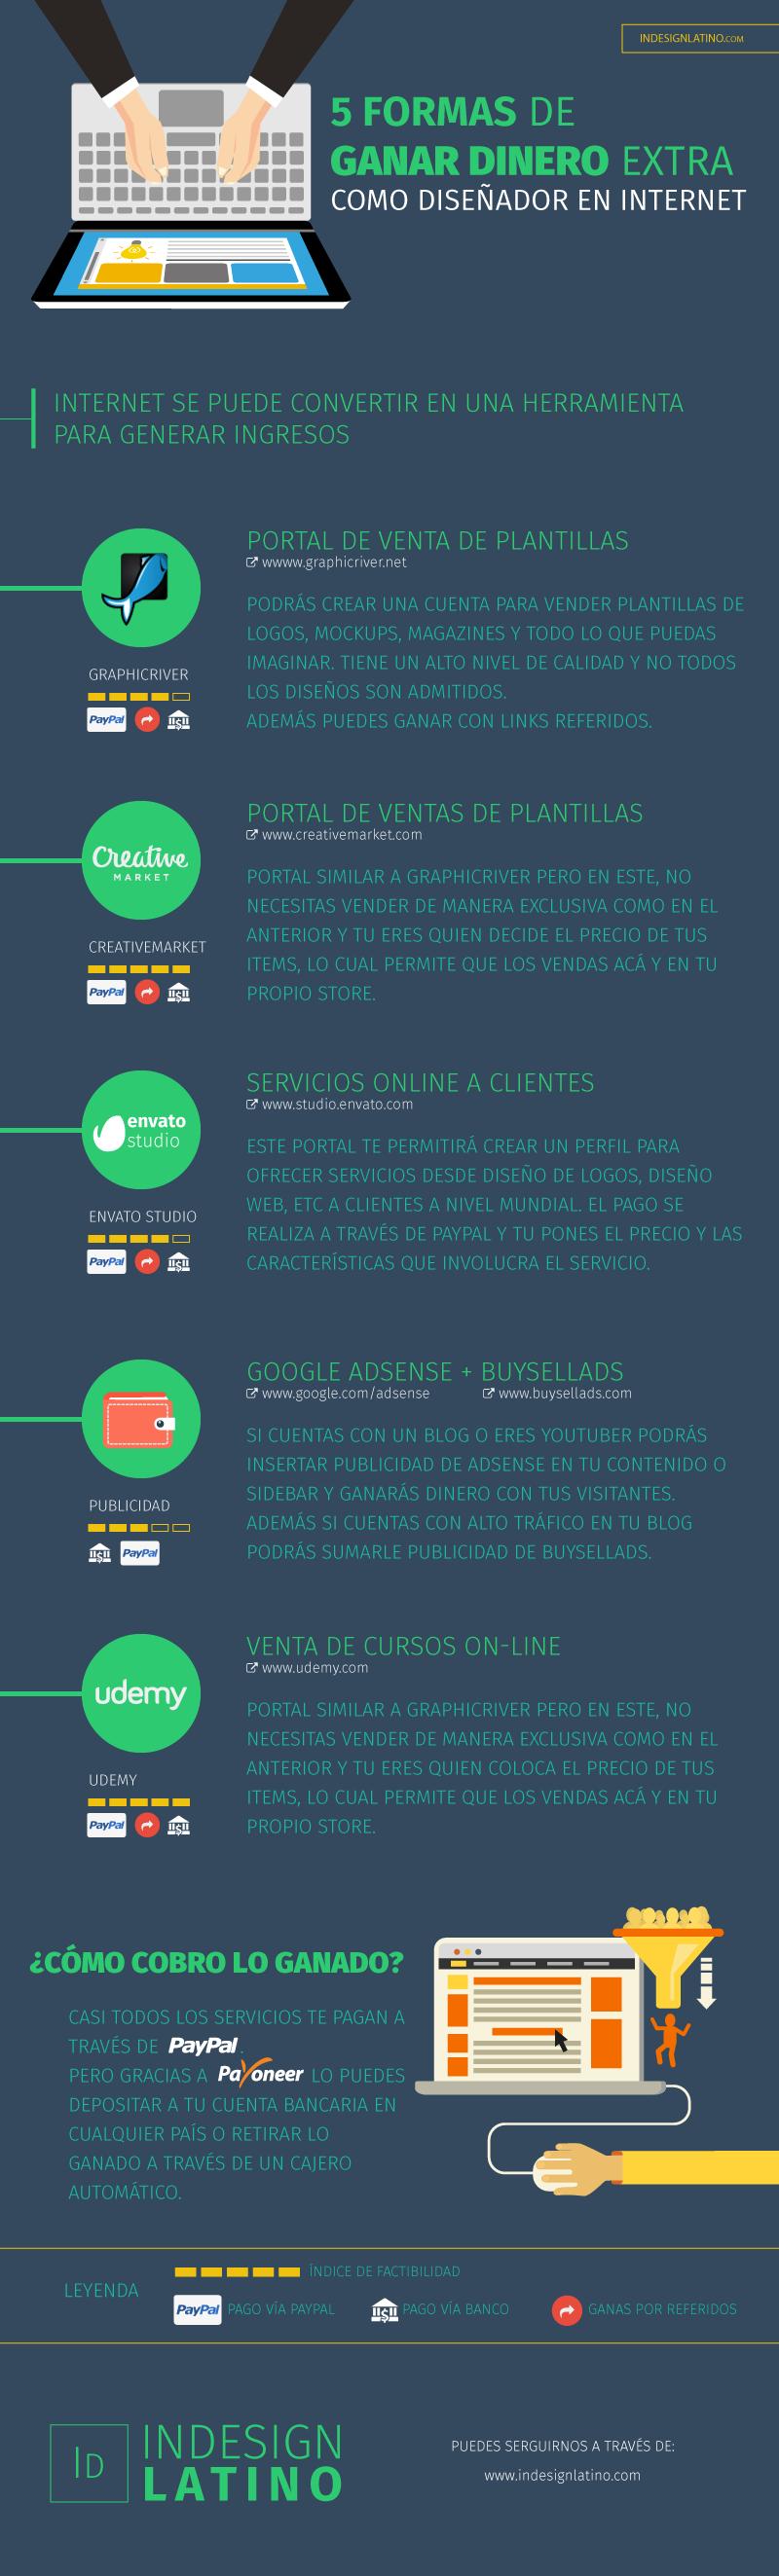 5 formas de Ganar Dinero como Diseñador en internet